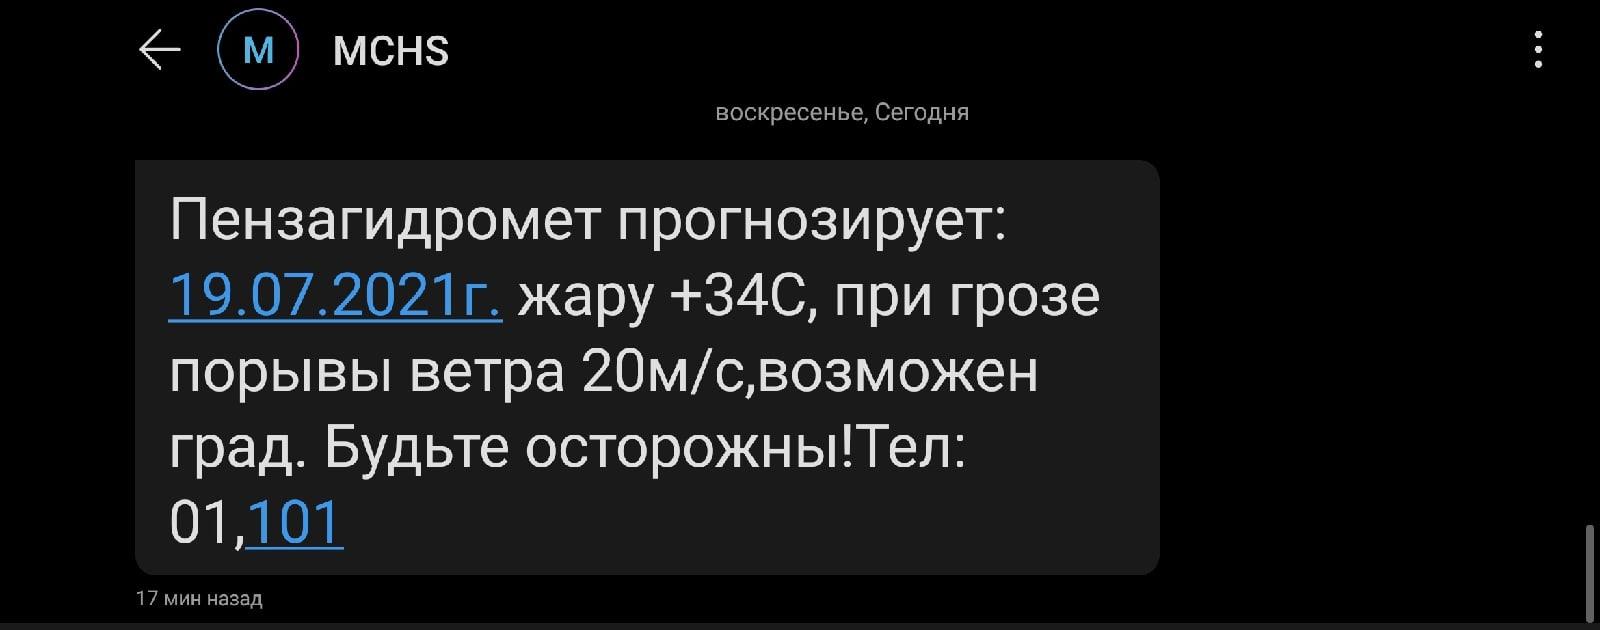 В Пензенской области ожидается 34-градусная жара